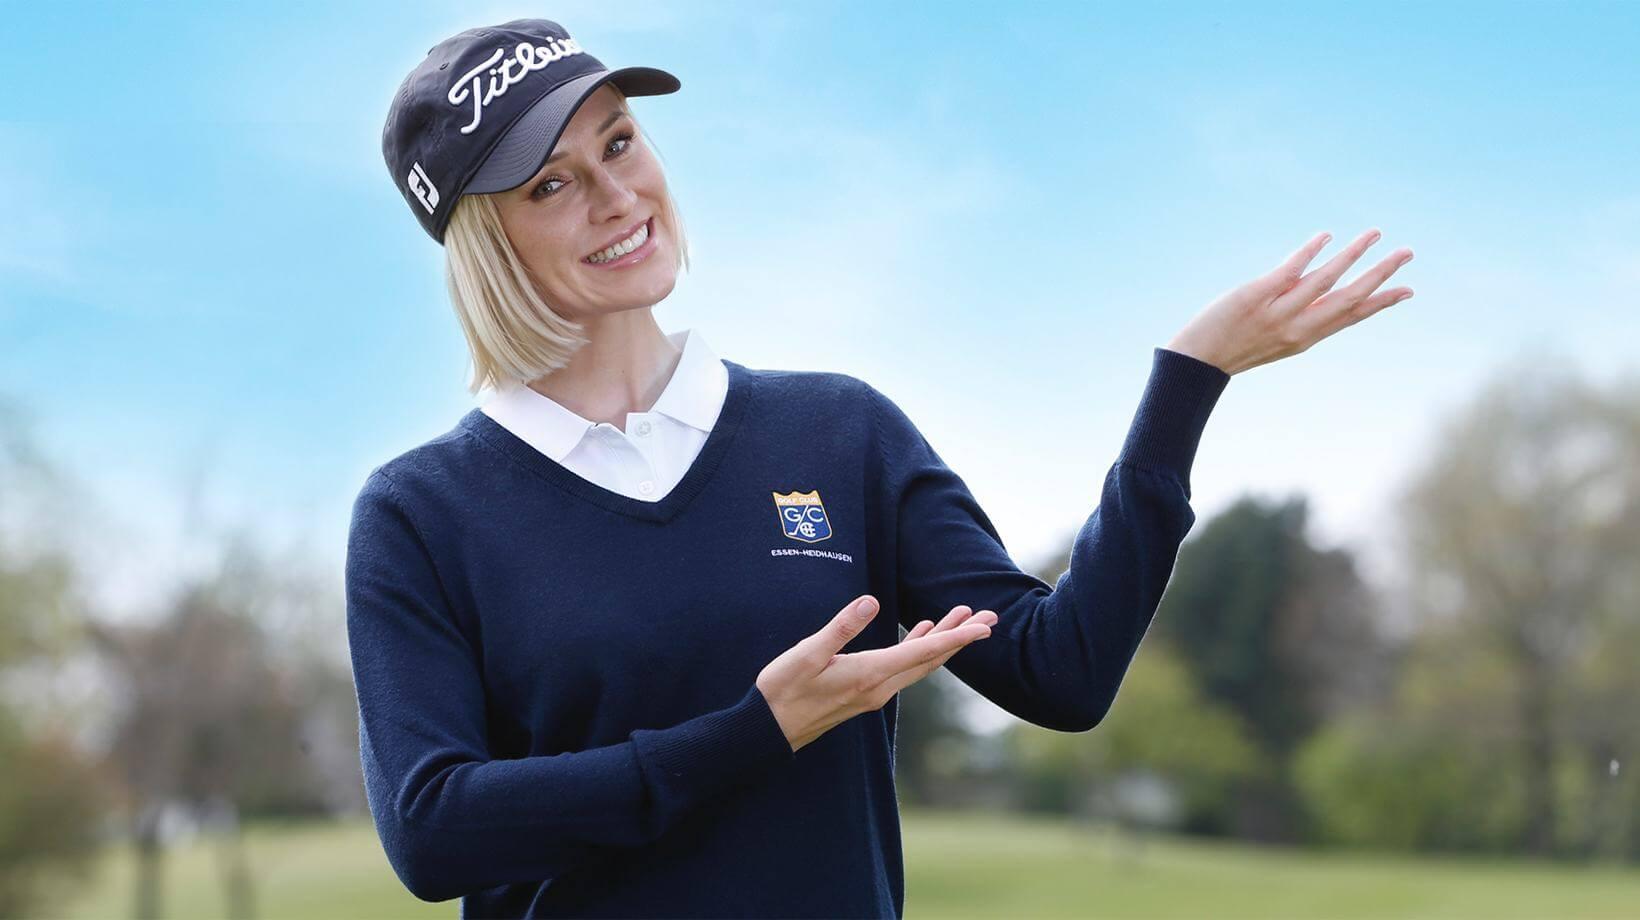 Die Größe macht's: Essen-Heidhausen ist der günstigste Golfclub der Region! Dank Gemeinnützigkeit sind Mitgliedsbeitrag und Aufnahmegebühr begrenzt.